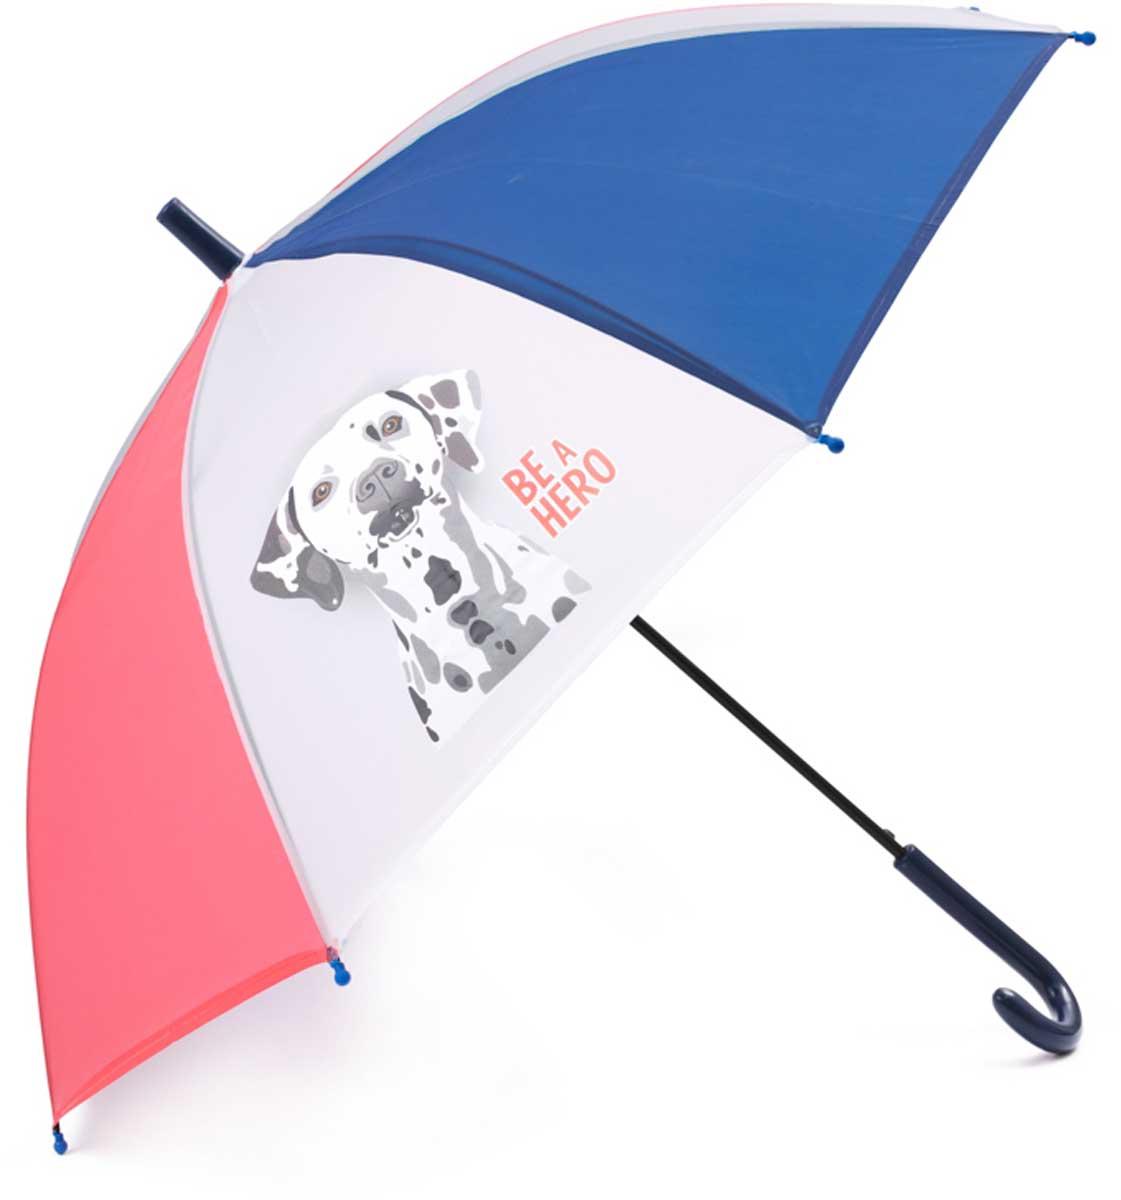 Зонт для мальчика PlayToday, цвет: белый, синий, красный. 171701. Размер 48.5171701Этот яркий цветной зонтик обязательно понравится Вашему ребенку! Оснащен специальной безопасной системой открывания и закрывания. Материал каркаса ветроустойчивый. Концы спиц снабжены пластмассовыми наконечниками для защиты от травм. Такой зонт идеально подойдет для прогулок в дождливую погоду.